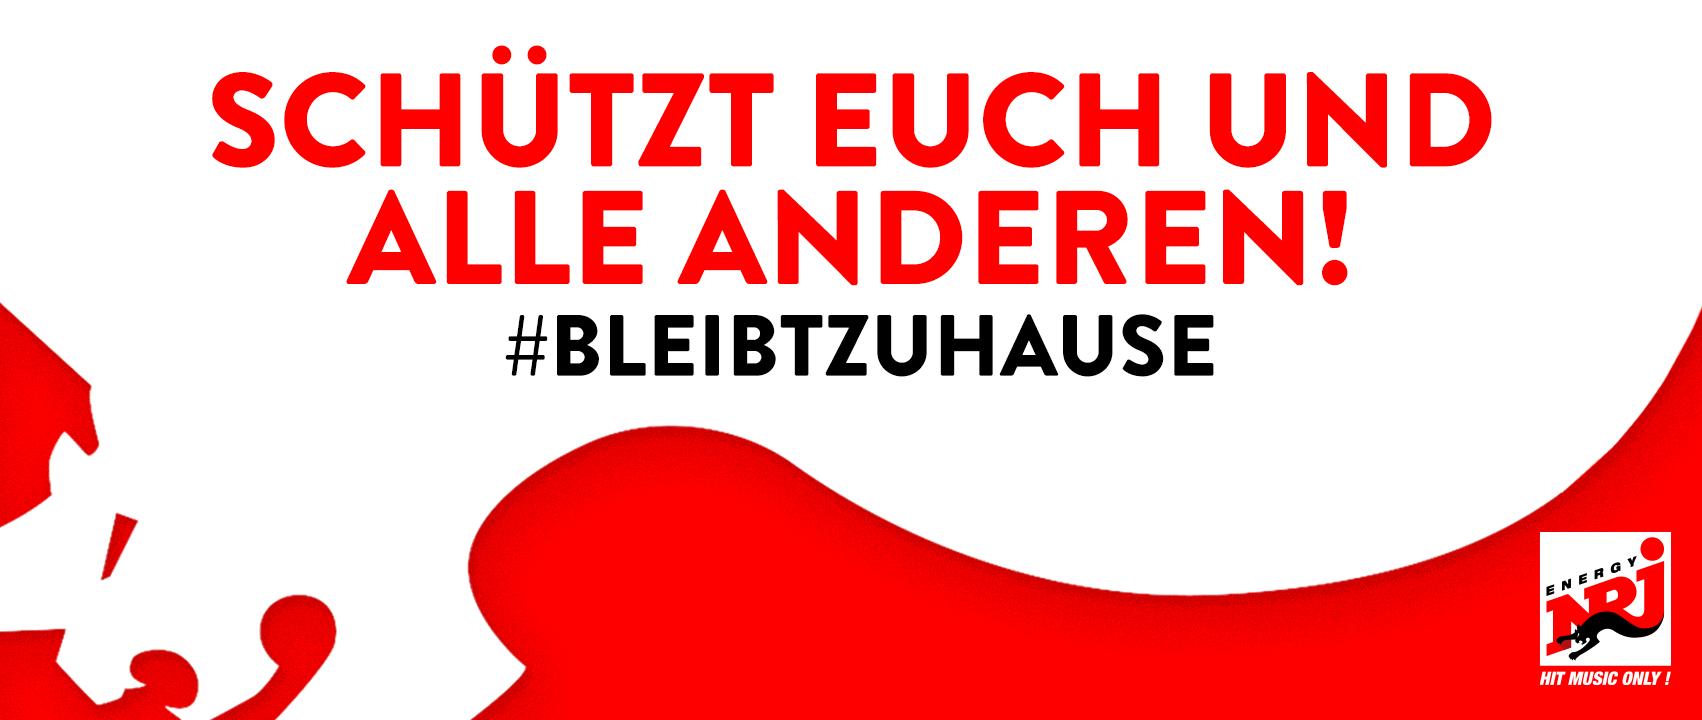 #BLEIBTZUHAUSE